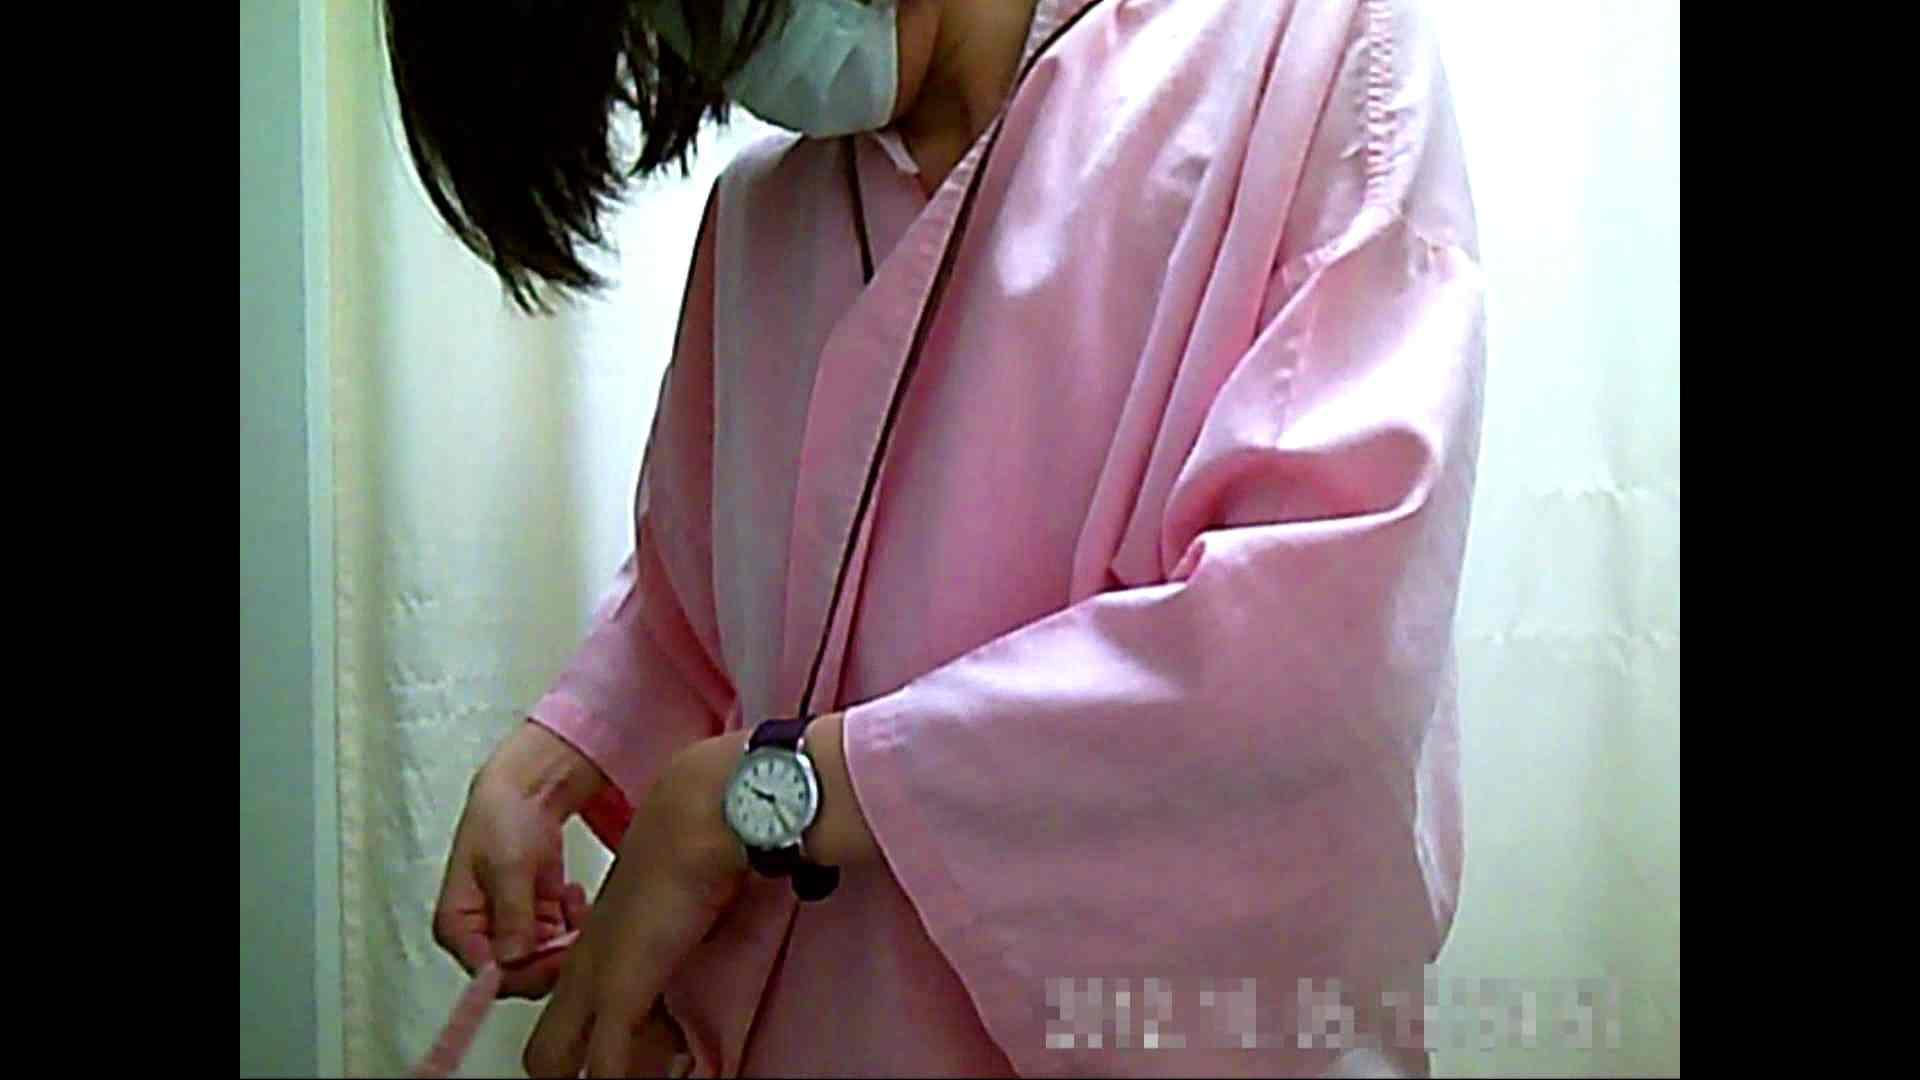 病院おもいっきり着替え! vol.231 着替え エロ画像 80pic 59